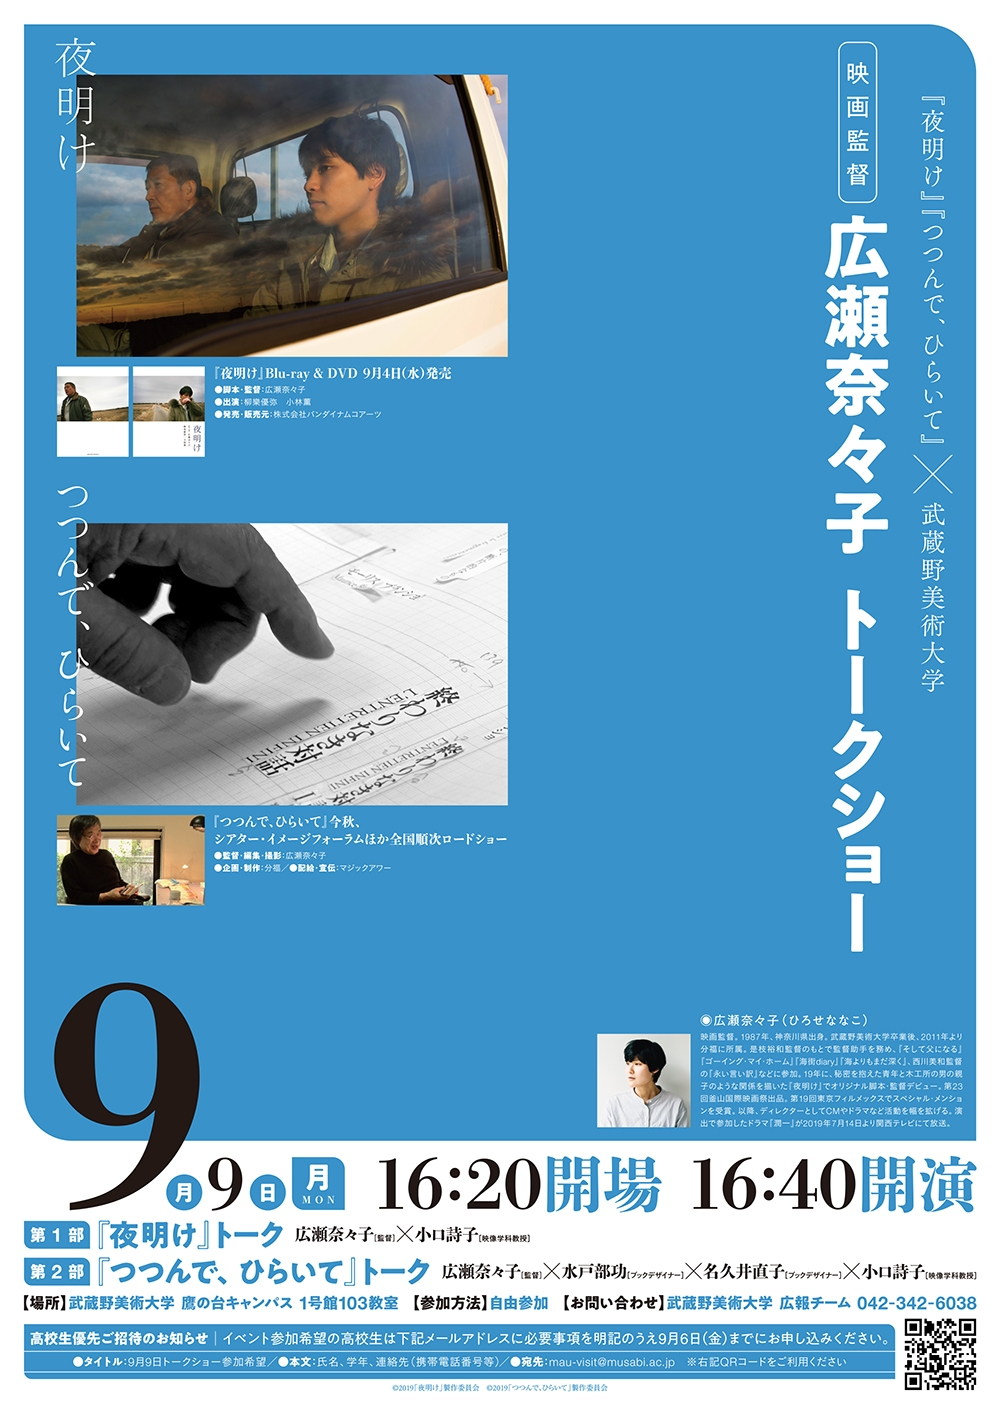 映画監督 広瀬奈々子トークショー